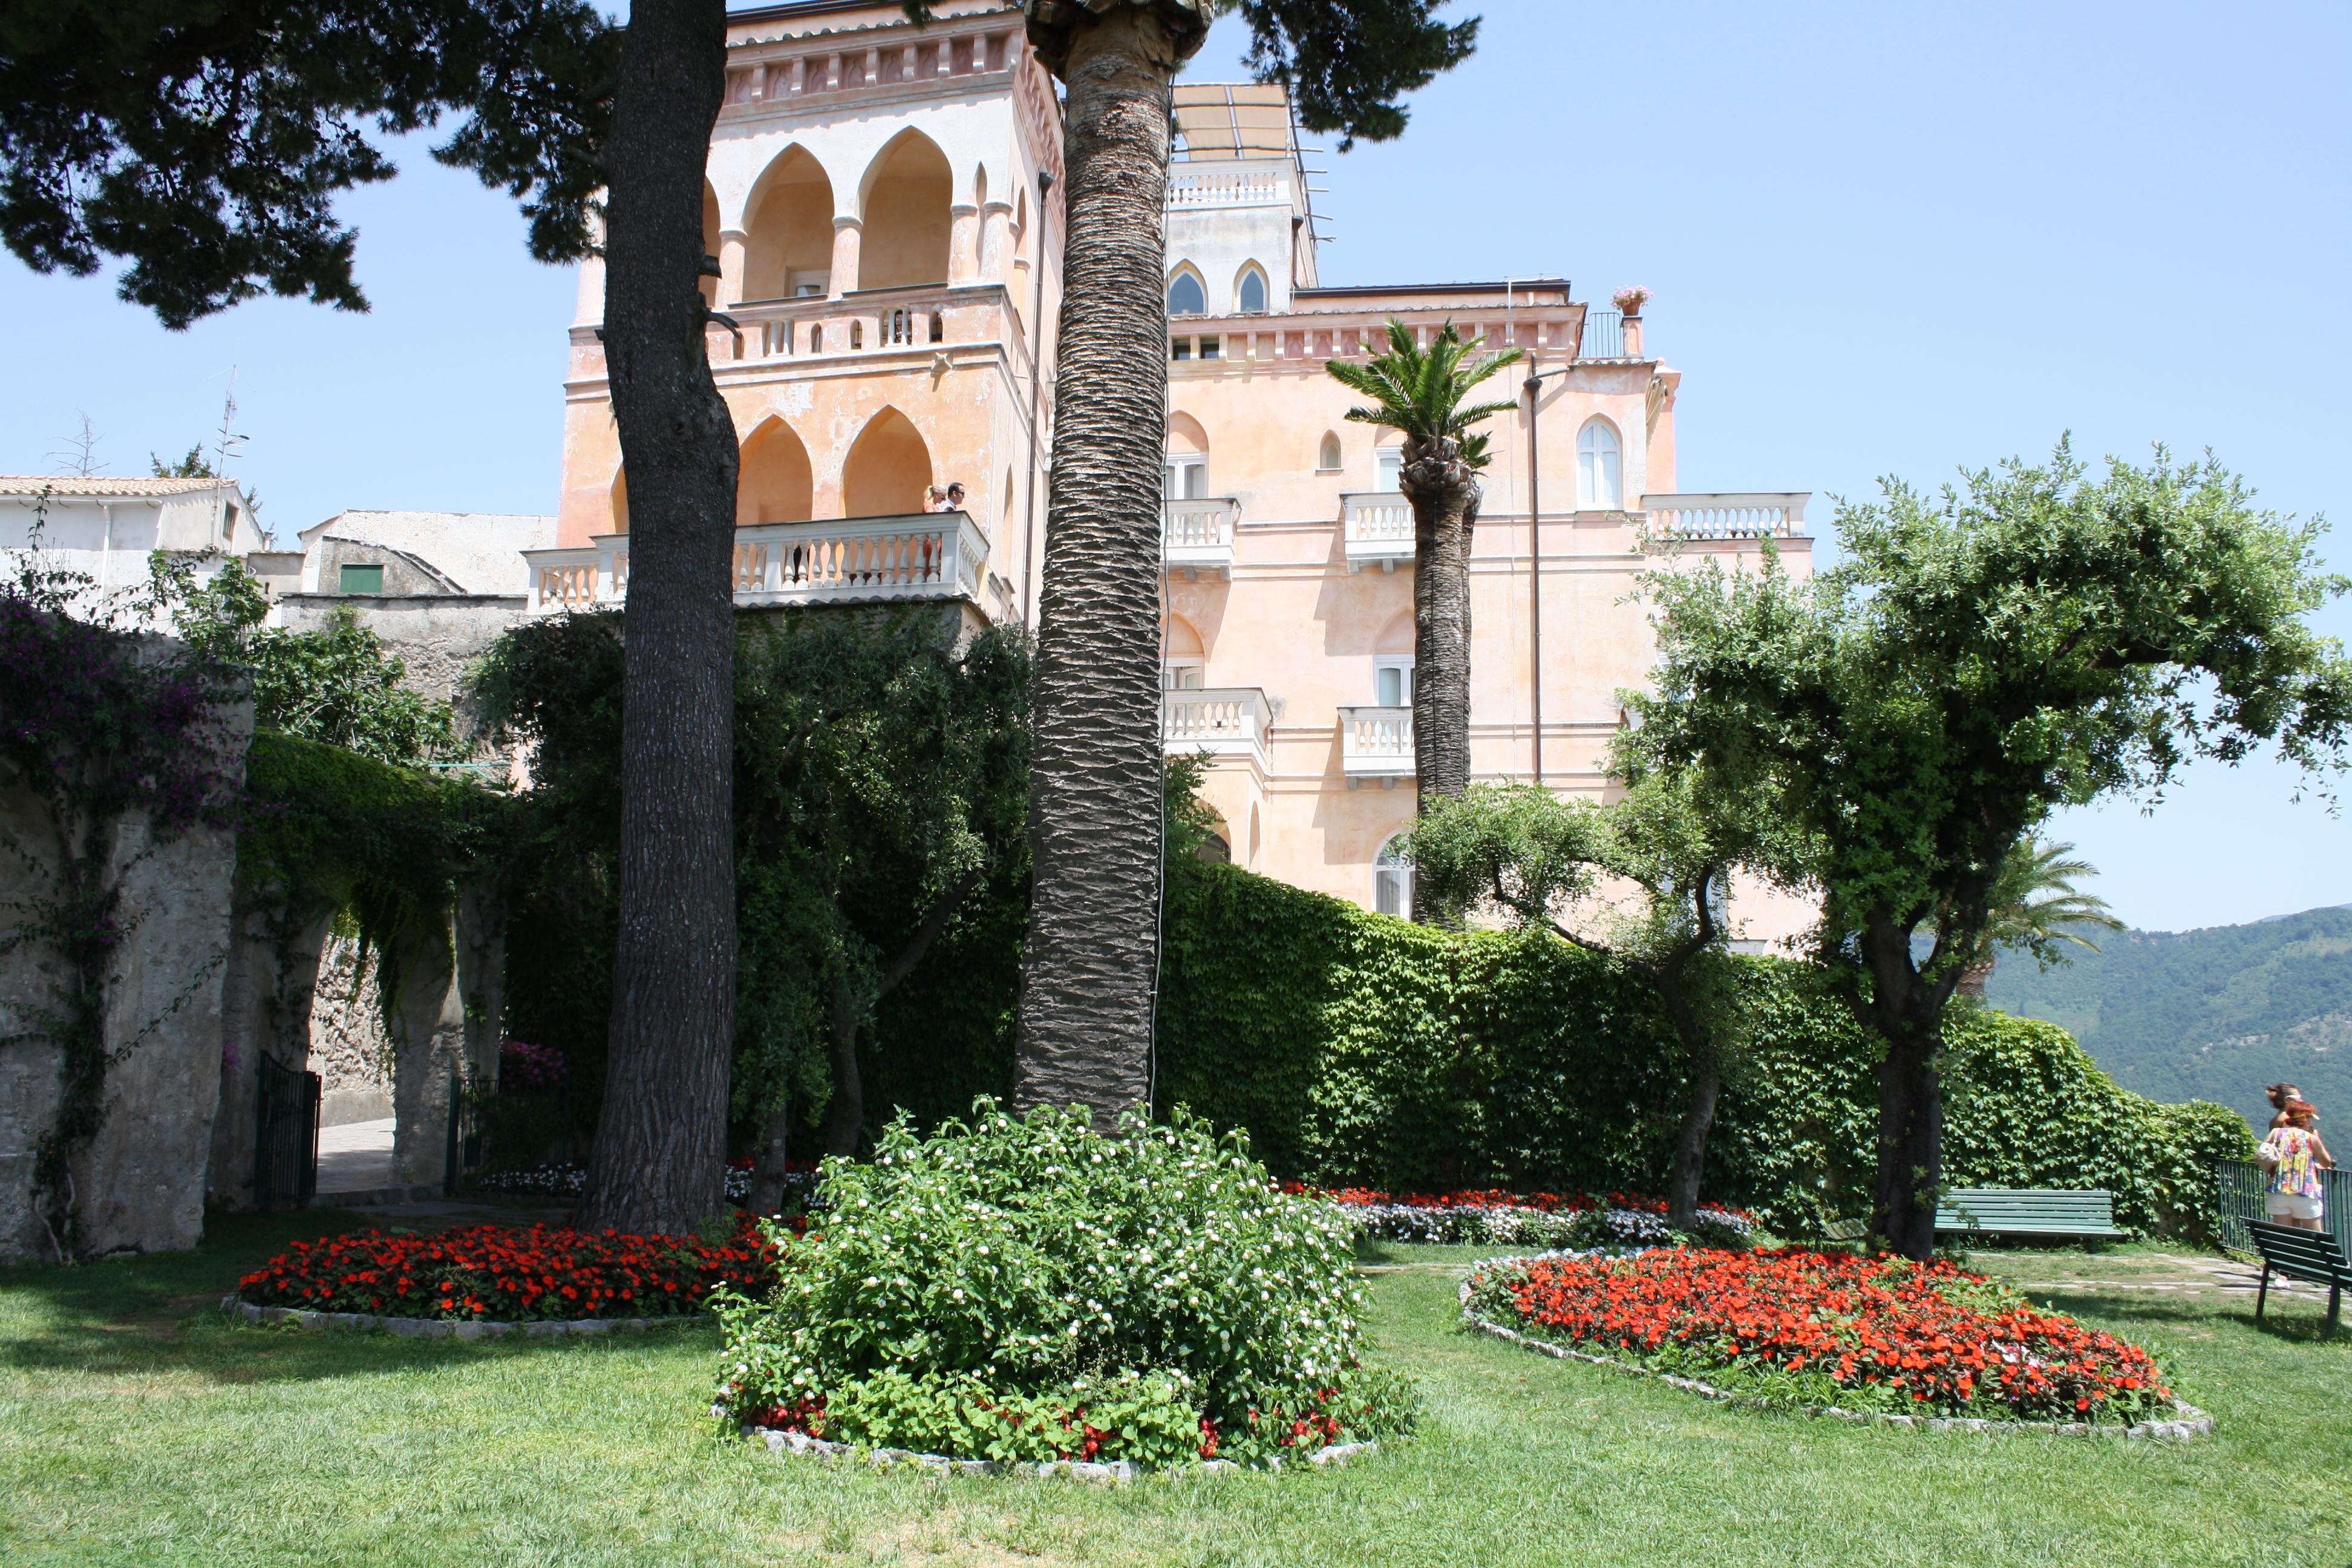 ラヴェッロ市庁舎 画像2